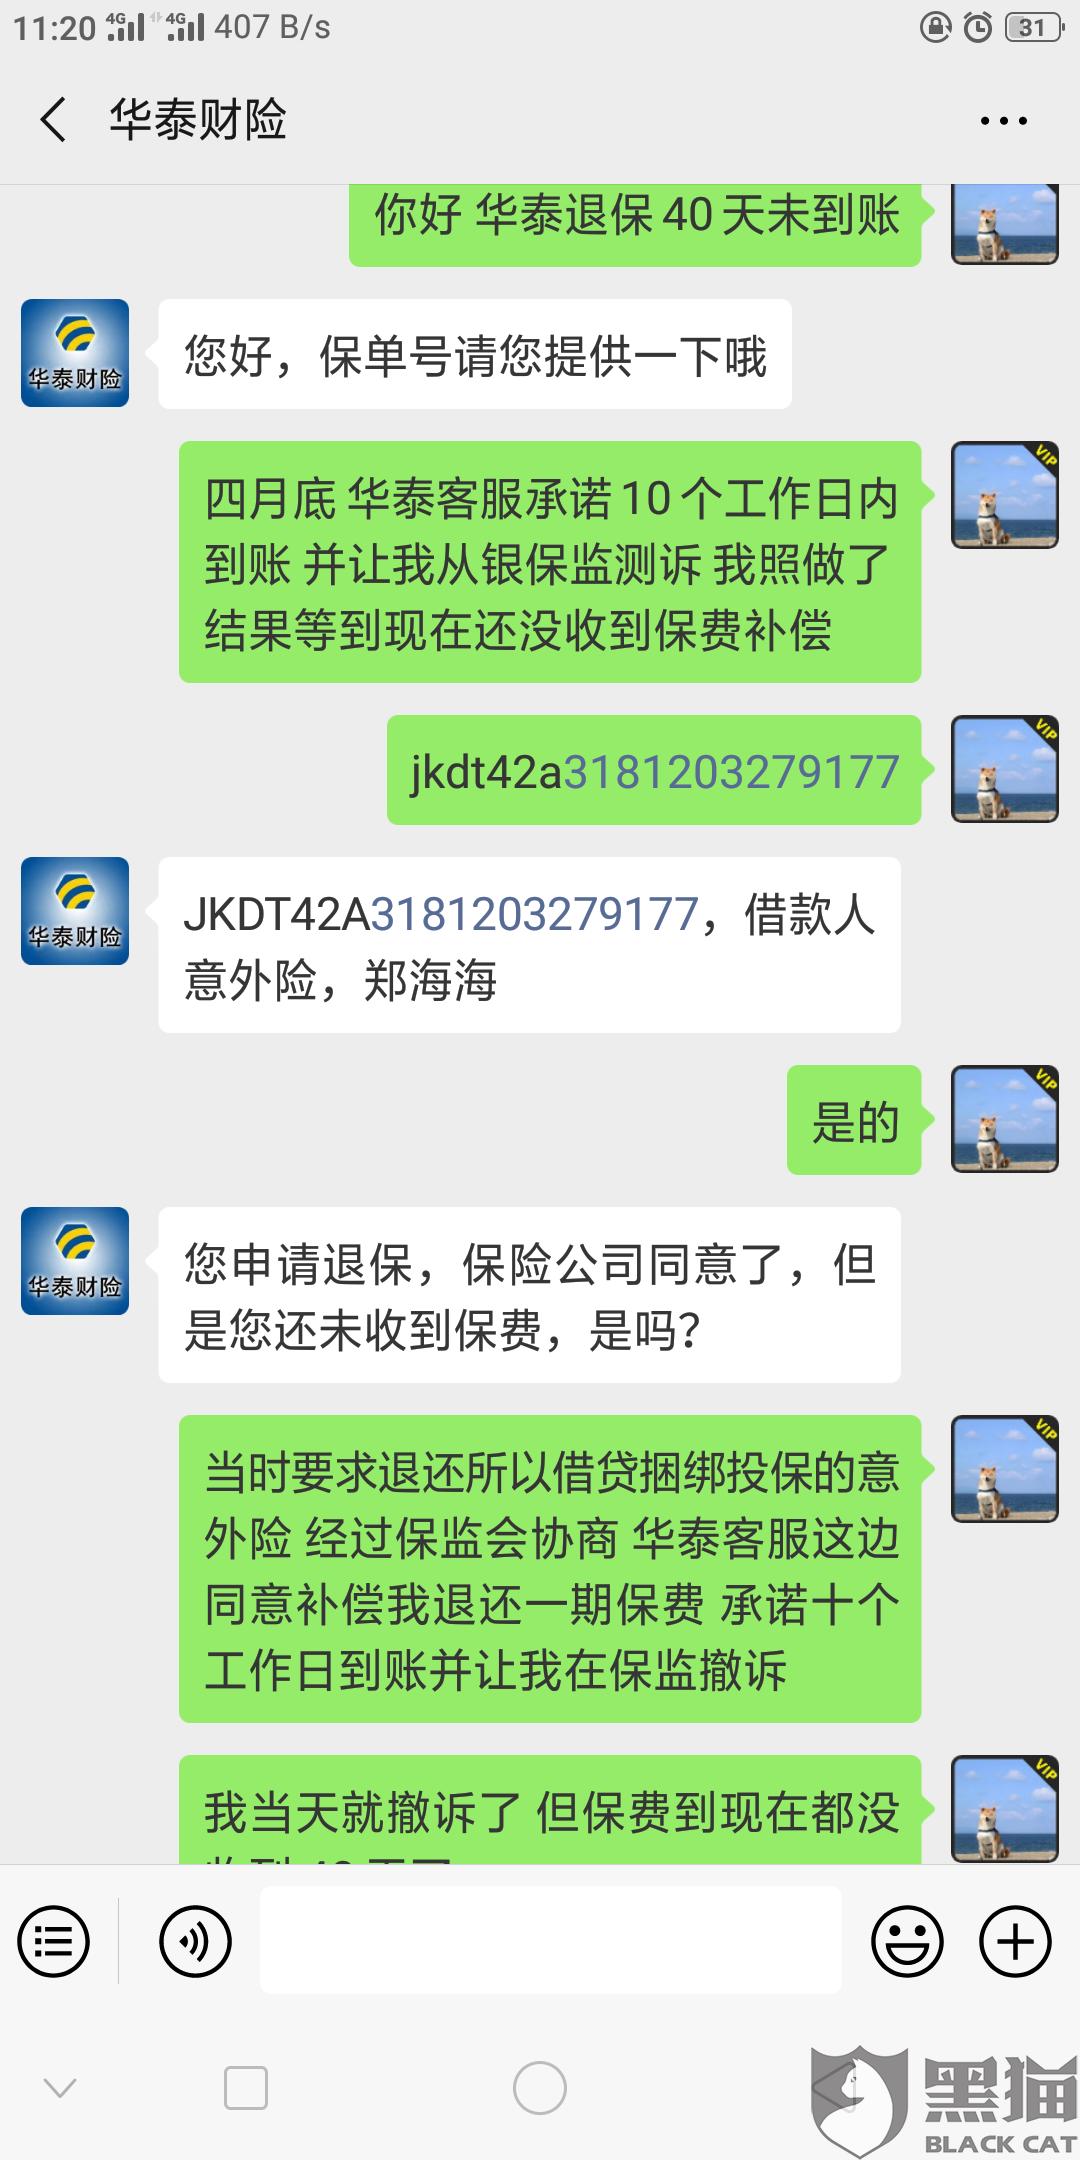 黑猫投诉:华泰保险上海公司诱导撤诉虚假承诺